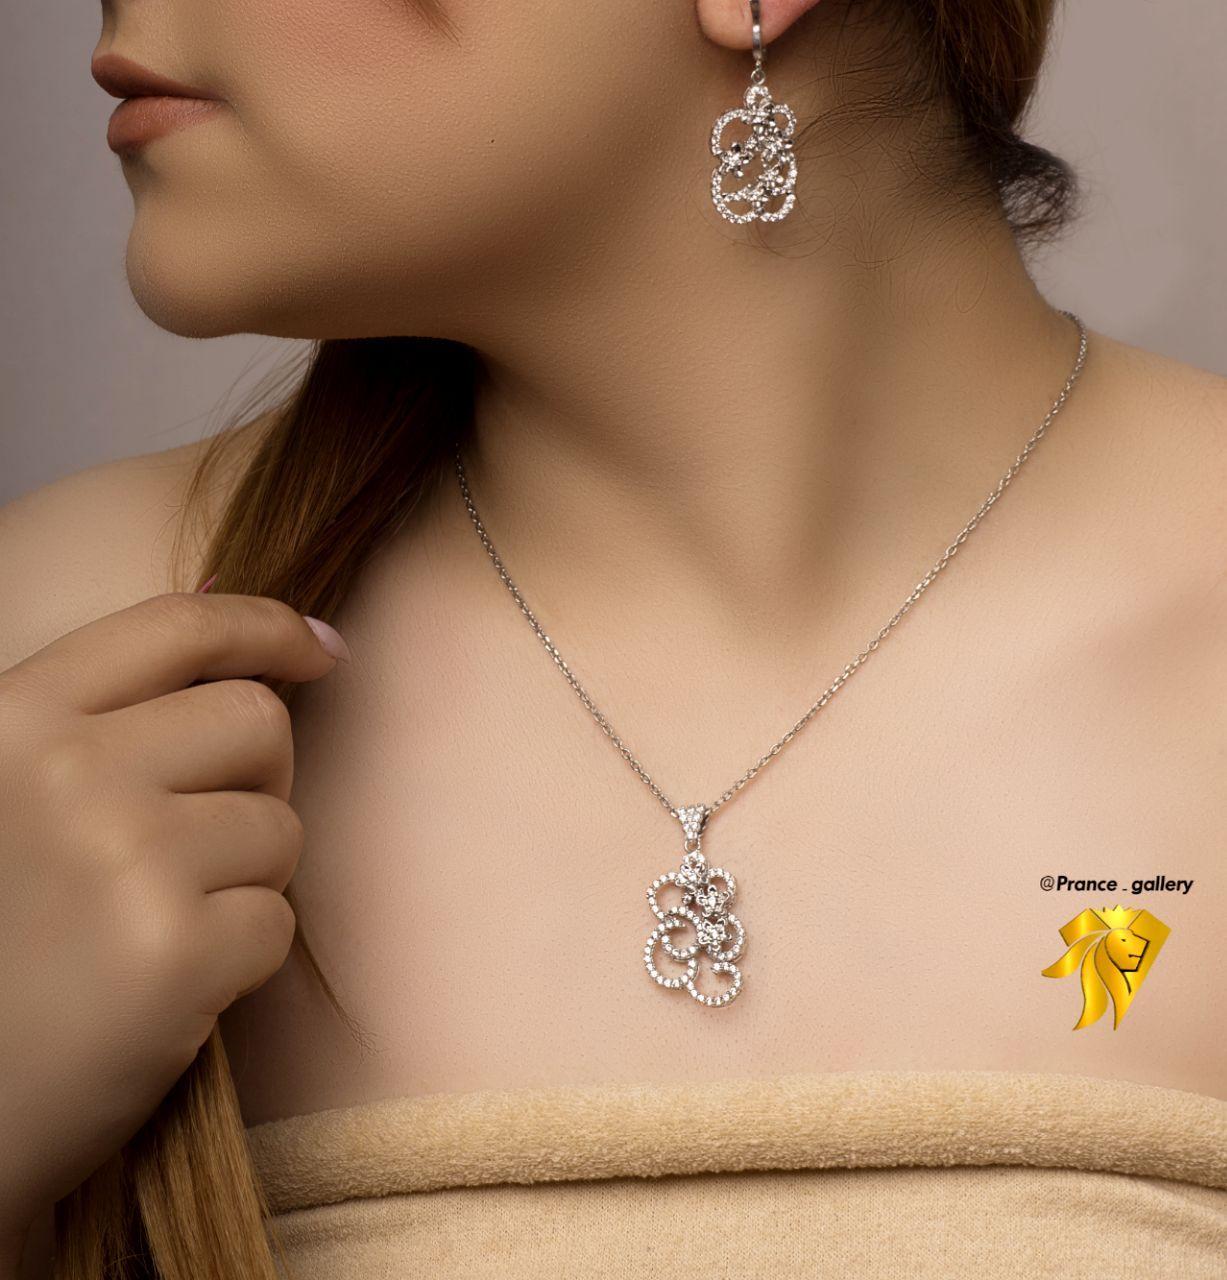 نیم ست جواهری گل نقره روکش طلا سفید